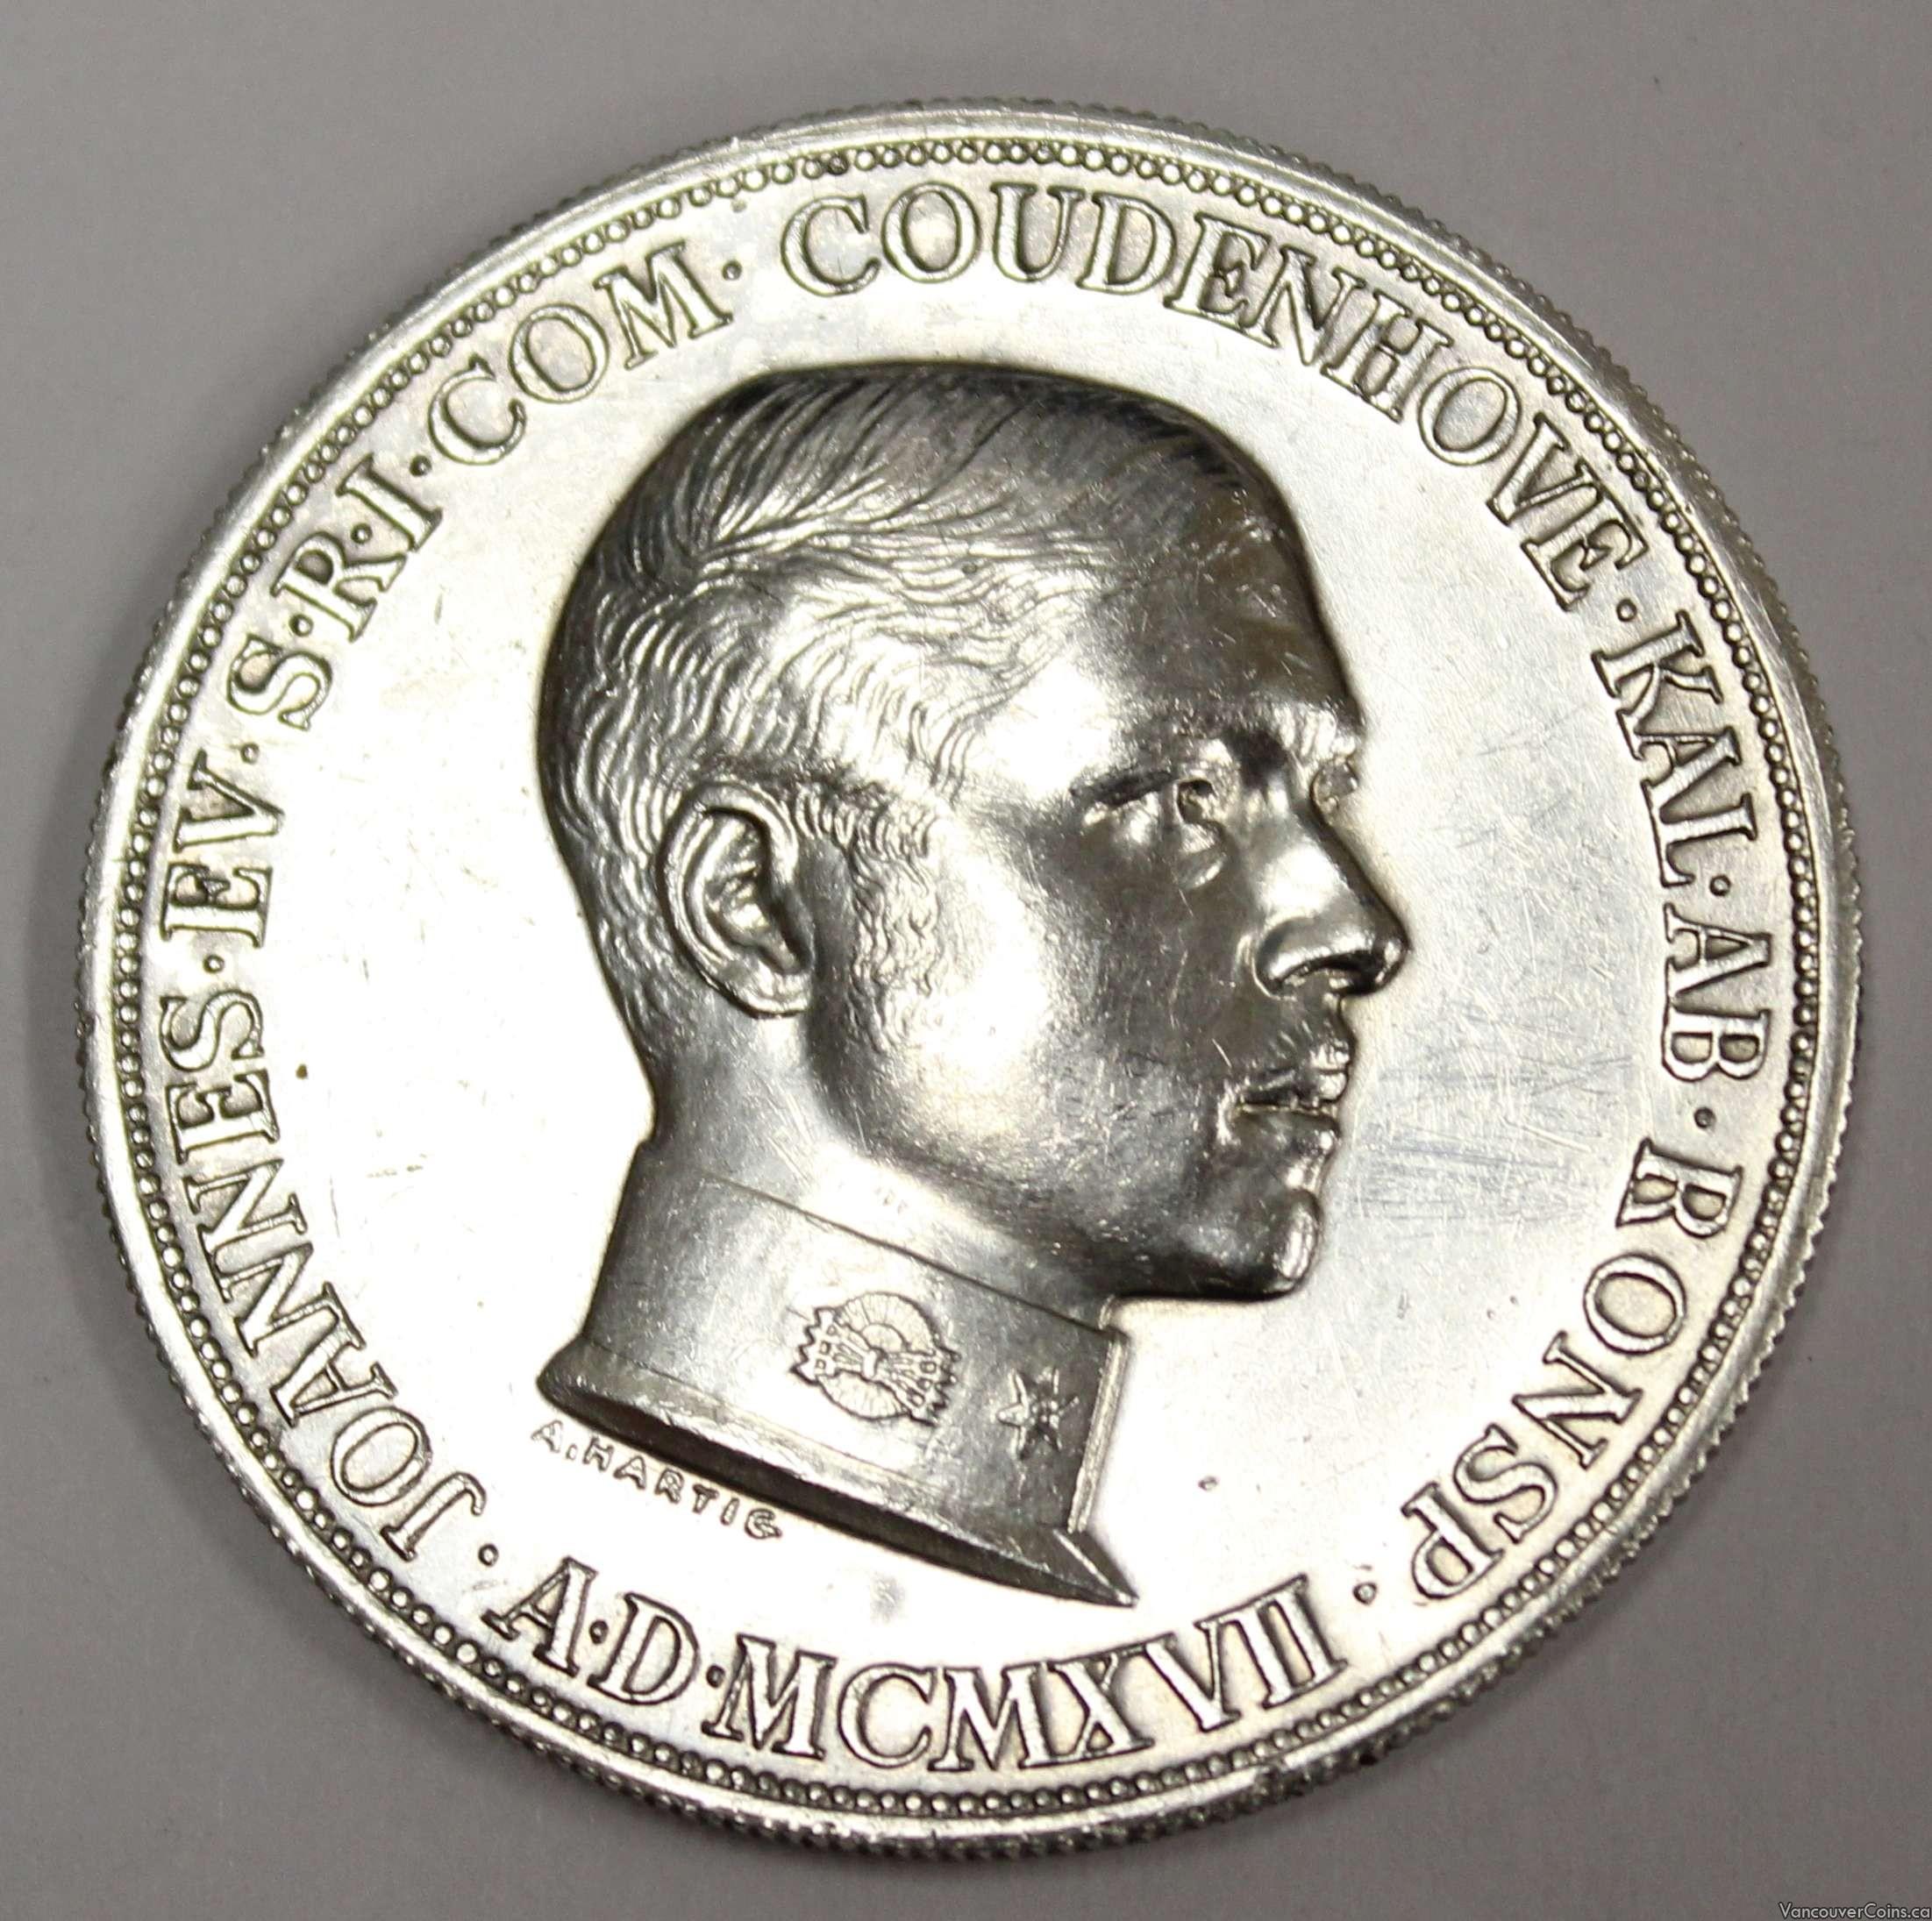 1917 Coudenhove-Kalergi .935 silver Medal